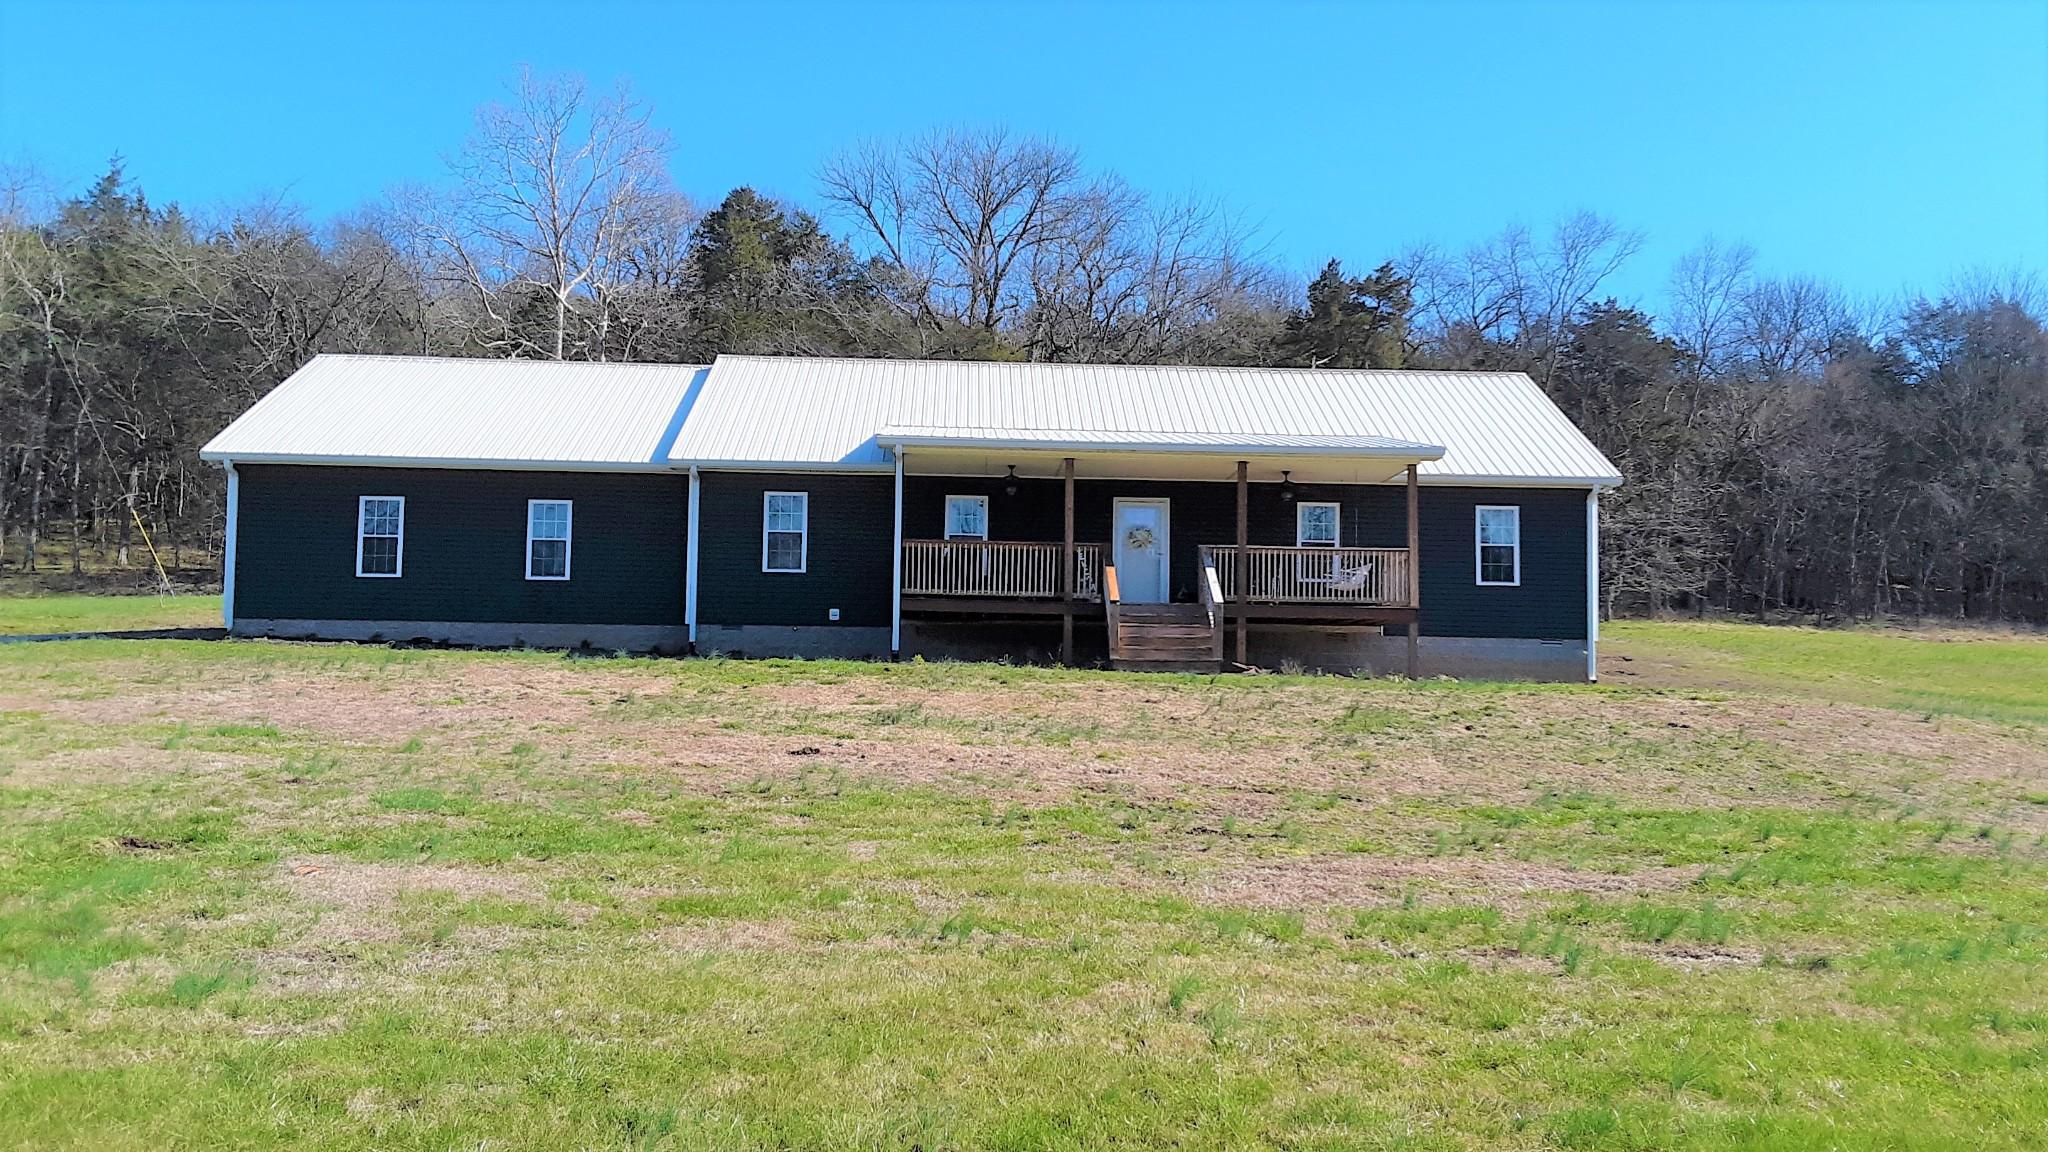 450 Glasgow Branch Rd, Hartsville, TN 37074 - Hartsville, TN real estate listing